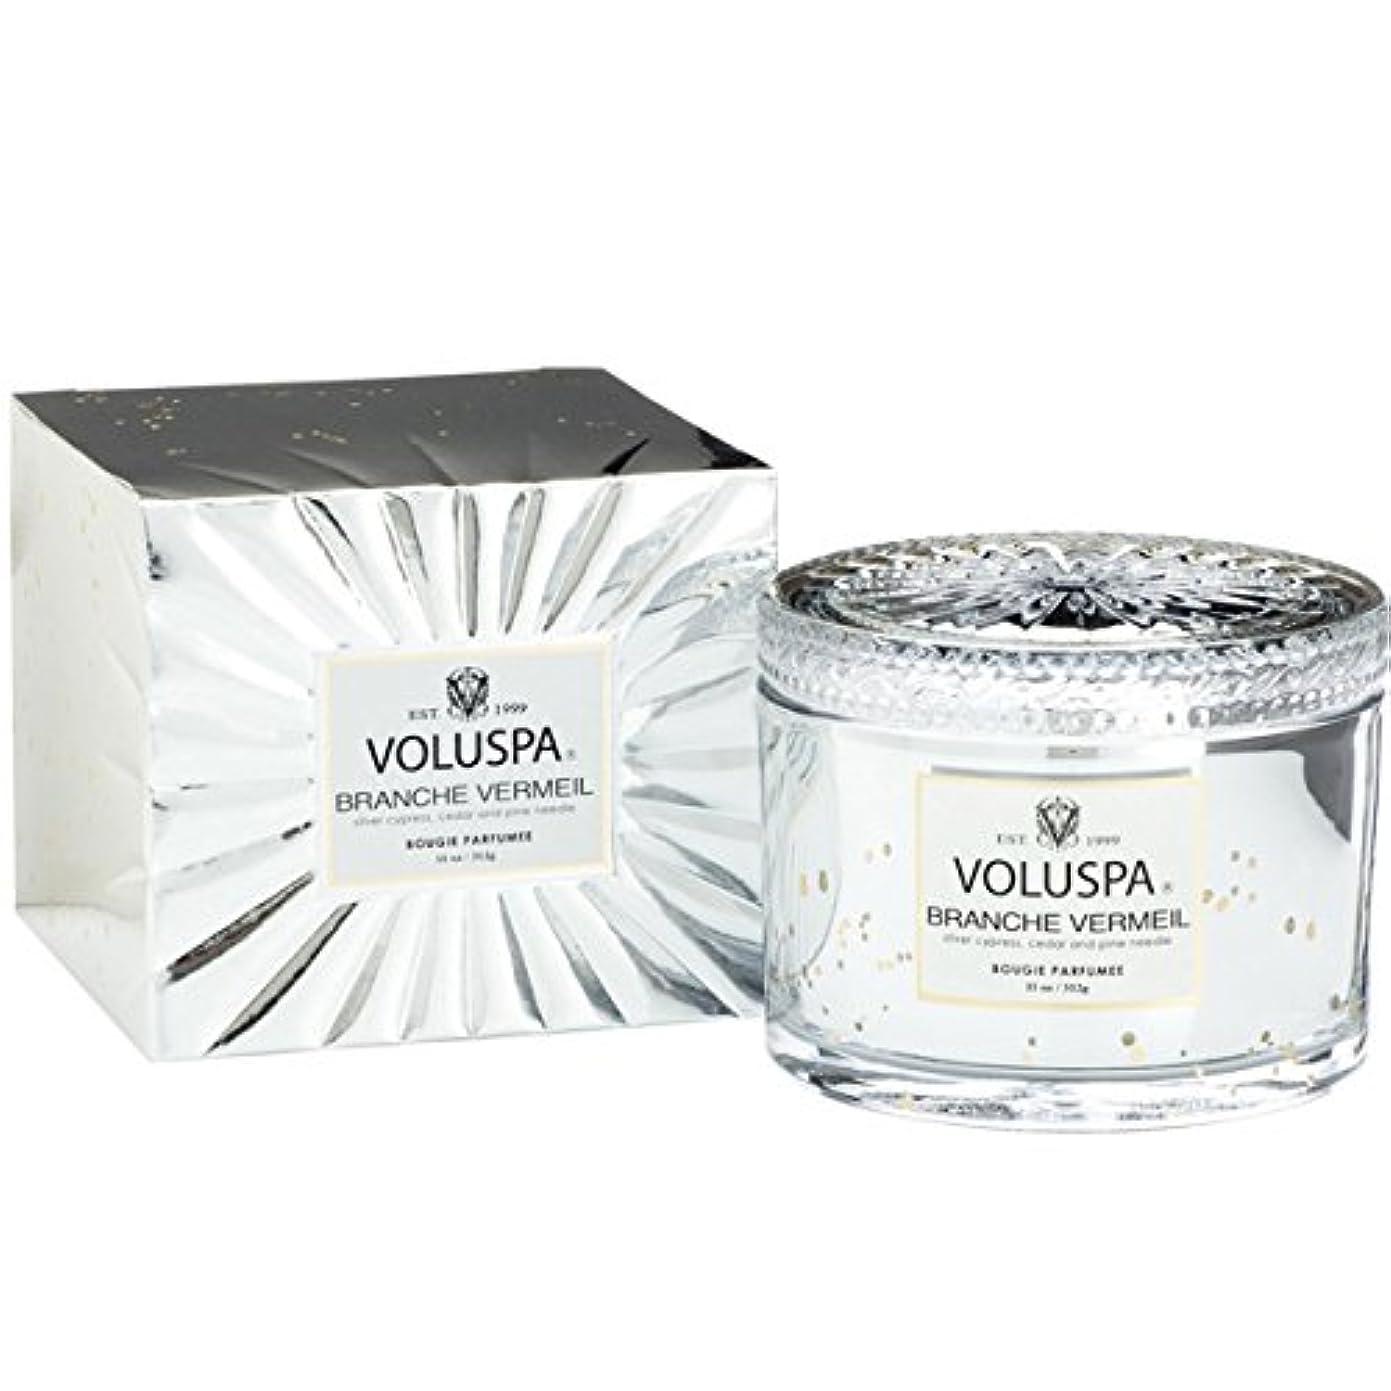 みすぼらしいアプト残り物Voluspa ボルスパ ヴァーメイル ボックス入り グラスキャンドル フ?ランチヴァーメイル BRANCHE VERMEIL VERMEIL BOX Glass Candle